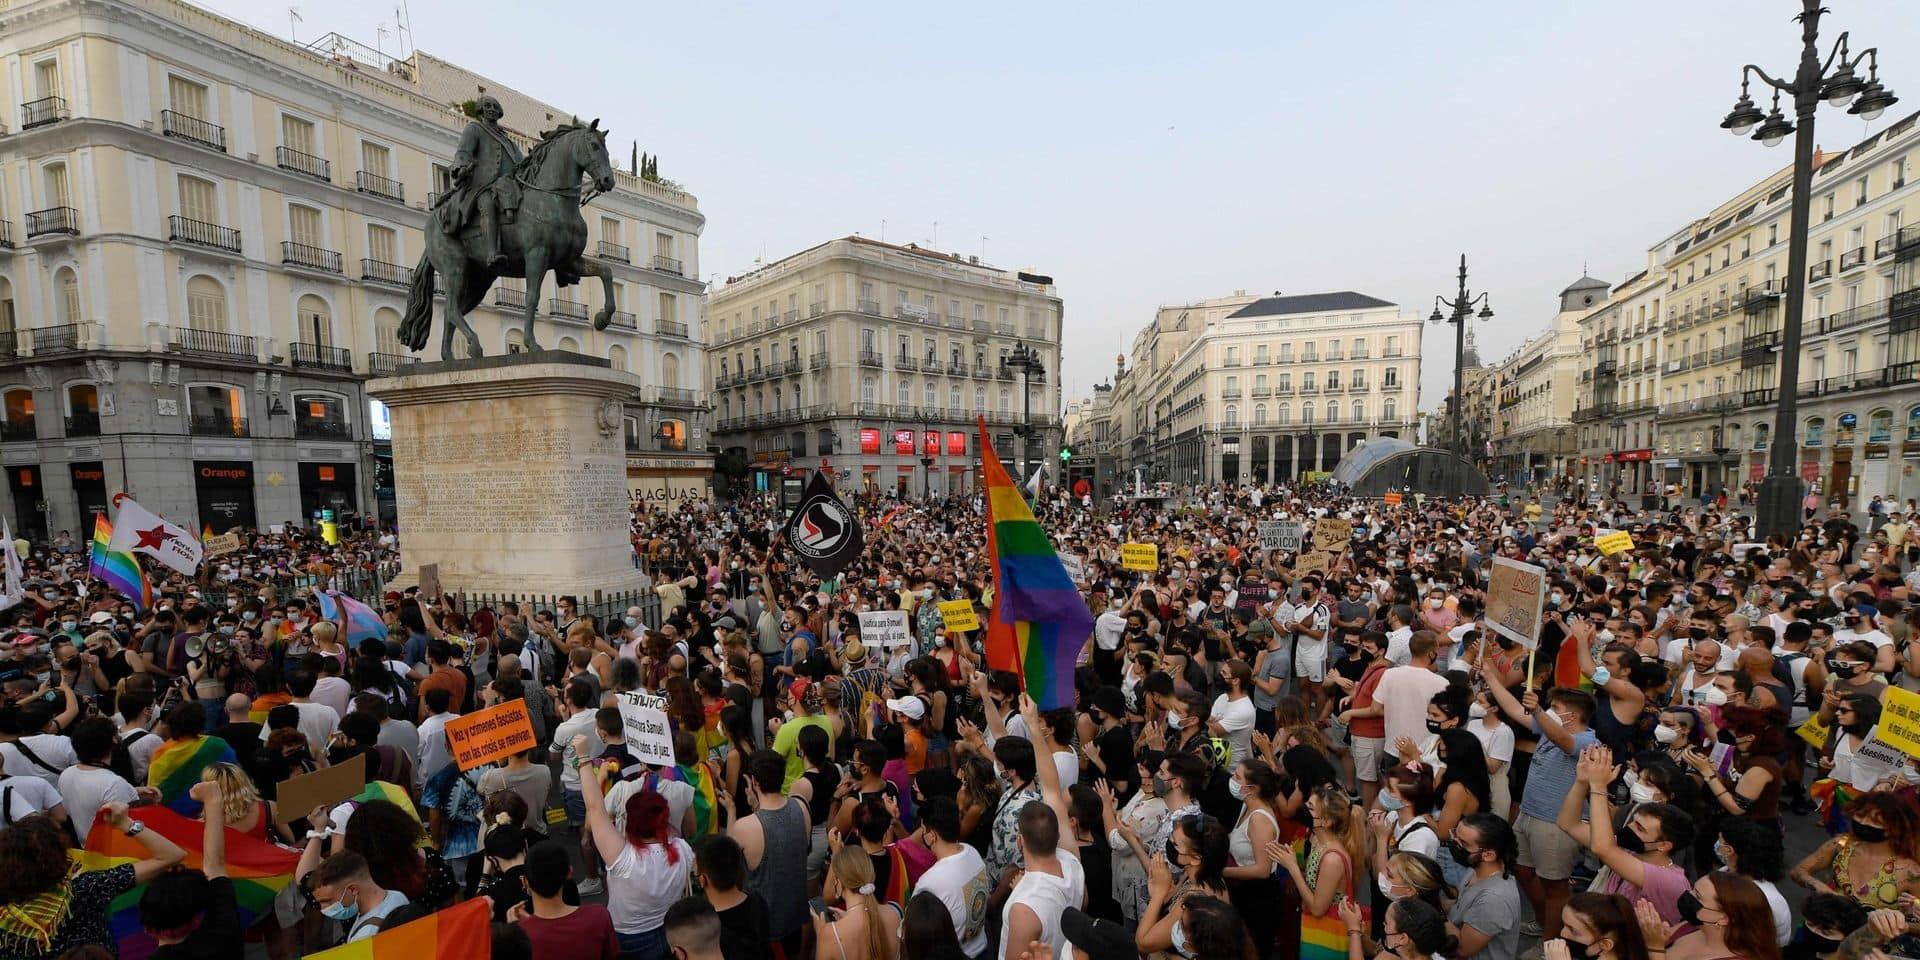 Nouvelles manifestations en Espagne après le meurtre d'un homosexuel, battu à mort